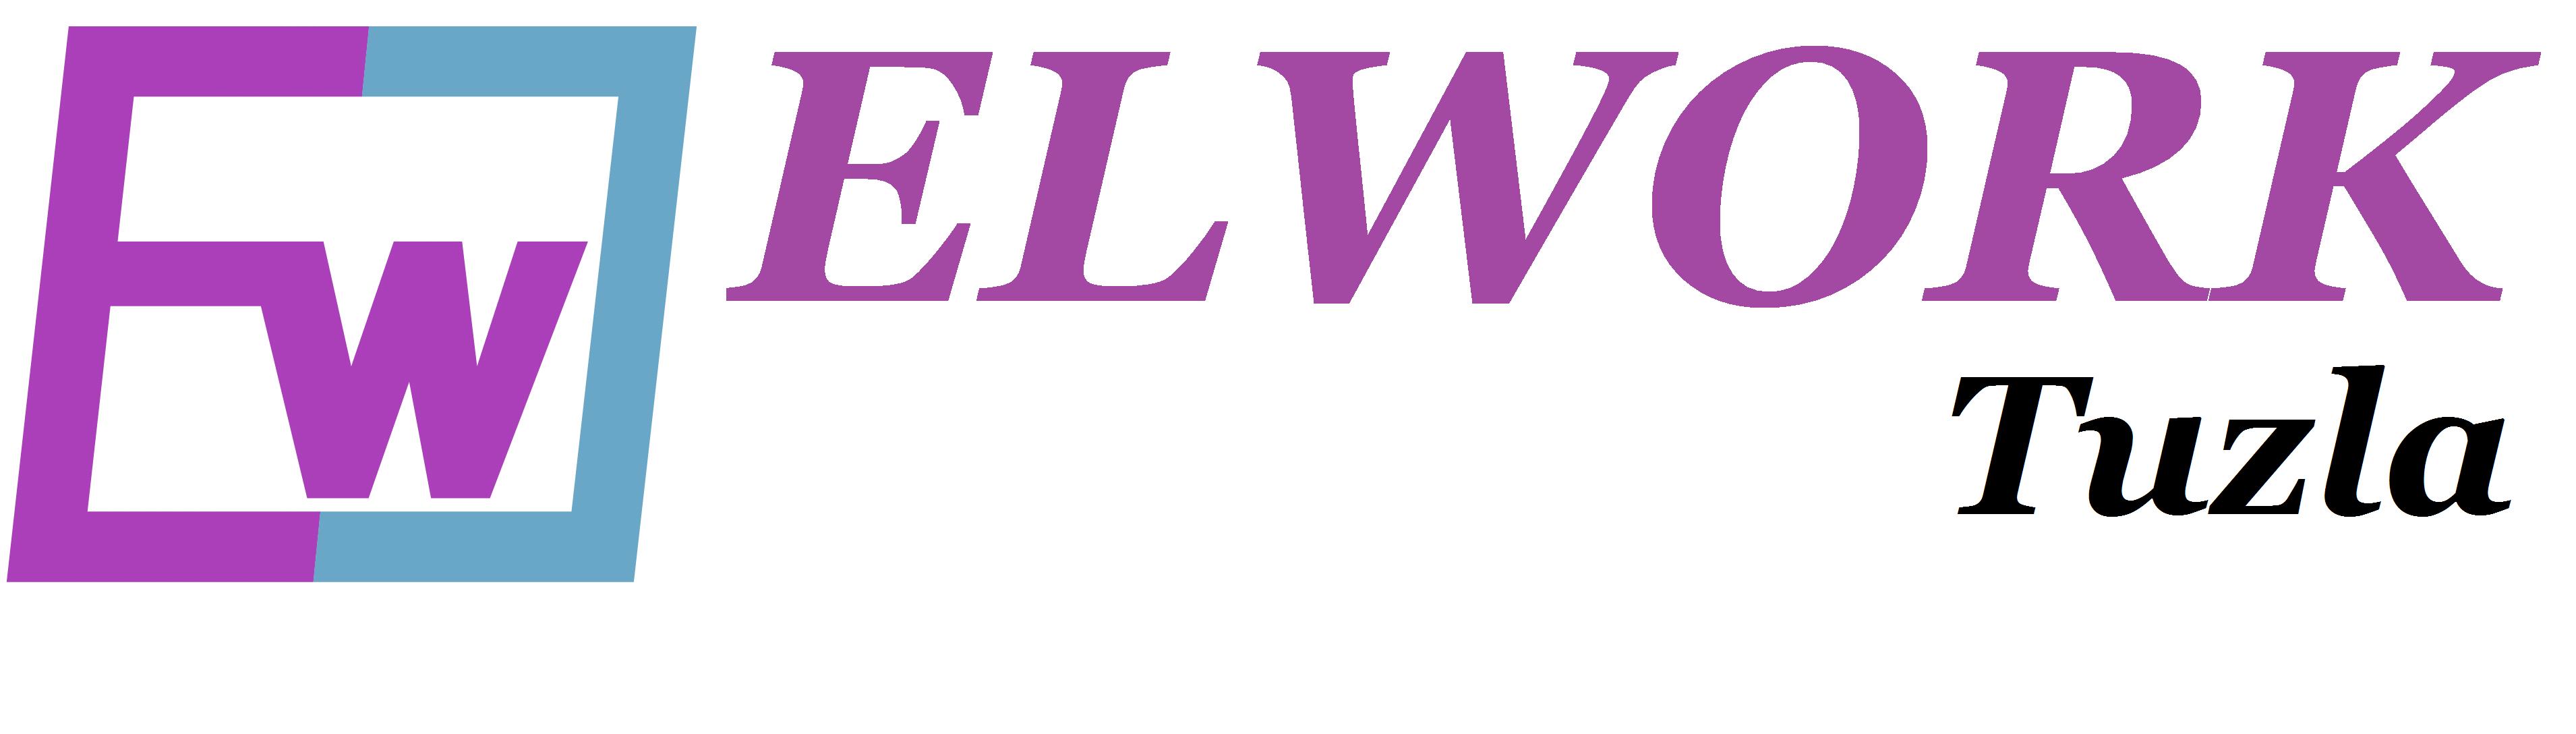 Elwork